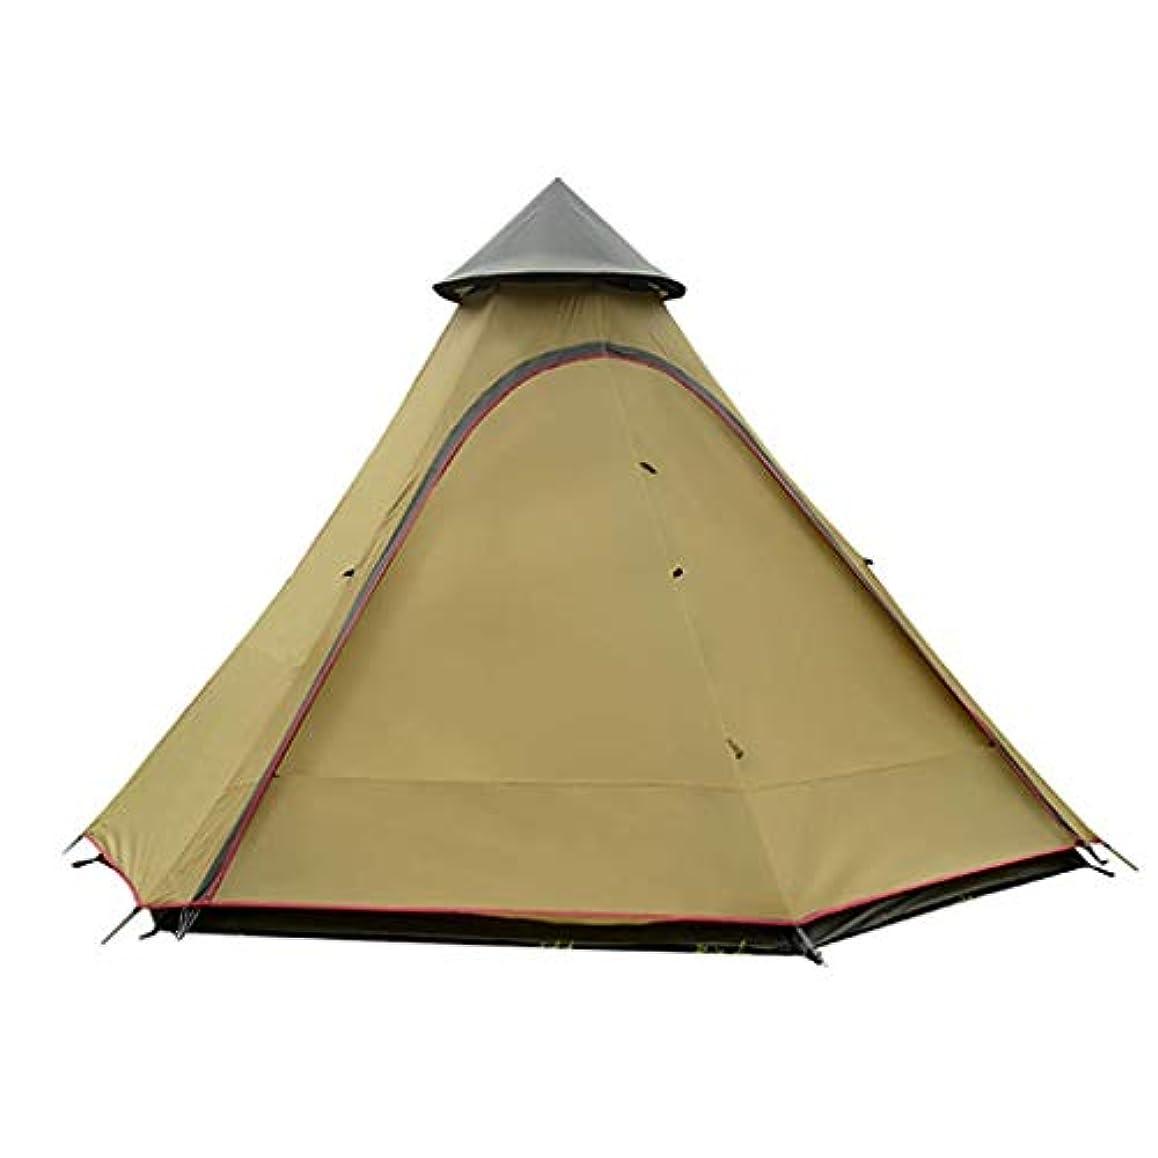 レインコートボウリング死の顎IDWOI テント テント 三角形 3-4人 アウトドア 二重層 反暴風雨 多目的 余暇 携帯用テント、3色 (Color : Brown)